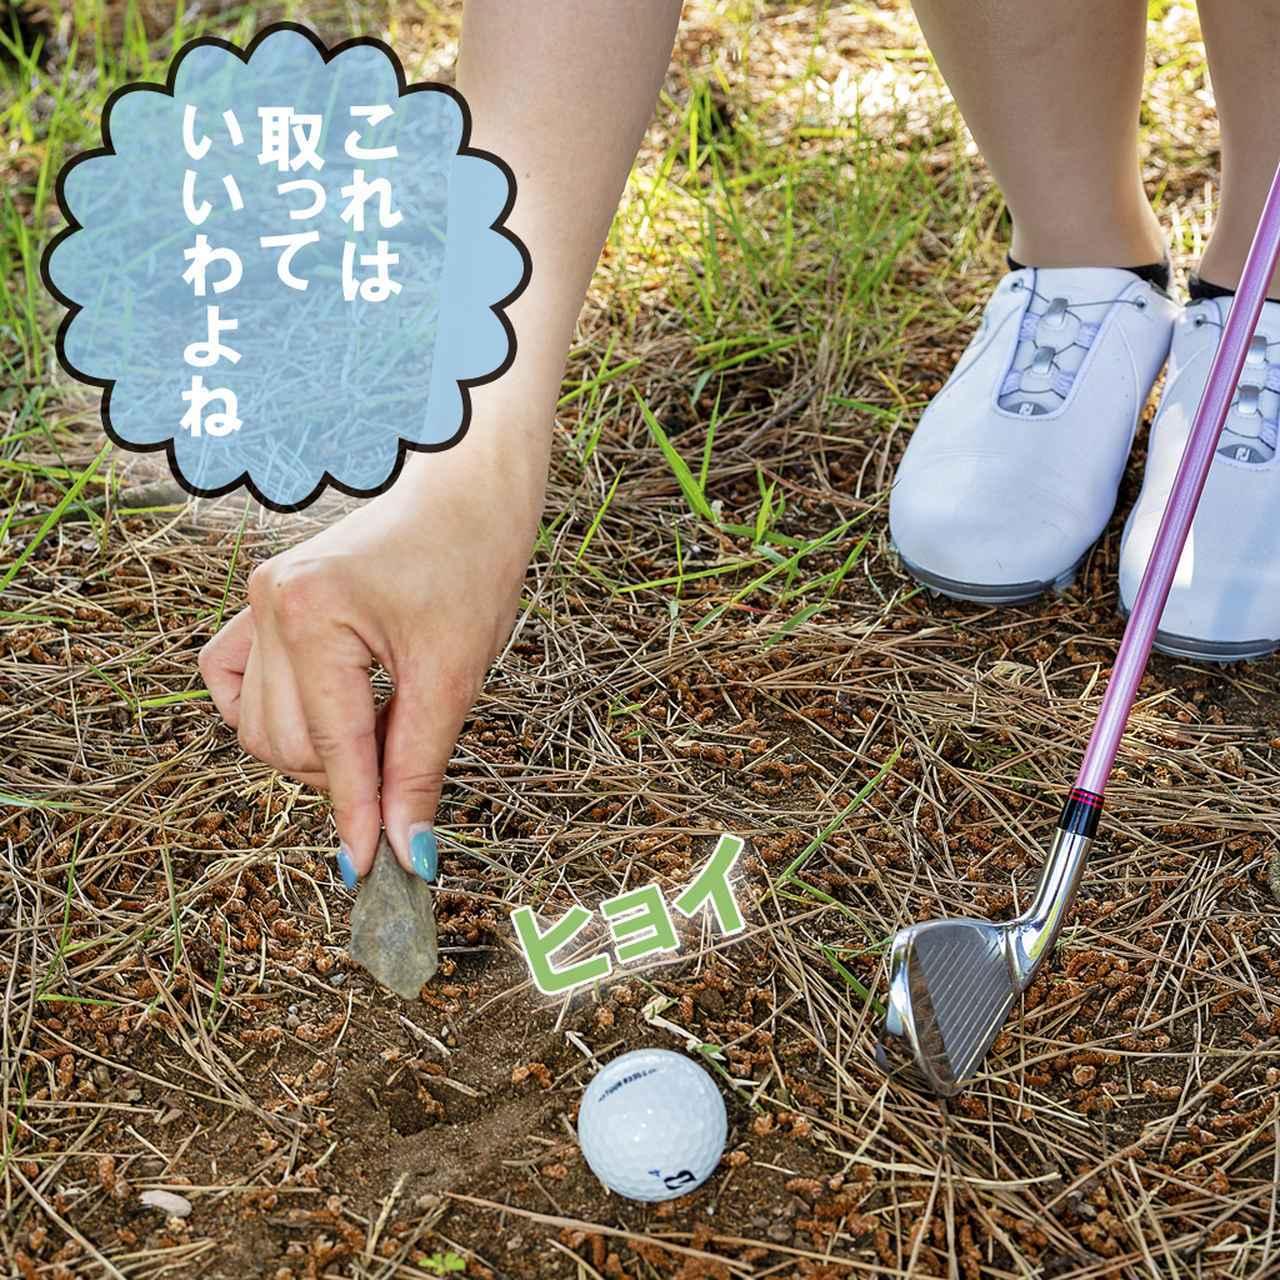 画像3: 【ルール】ボール後ろの邪魔な石、土に軽く埋まっているけど、これって取り除ける?